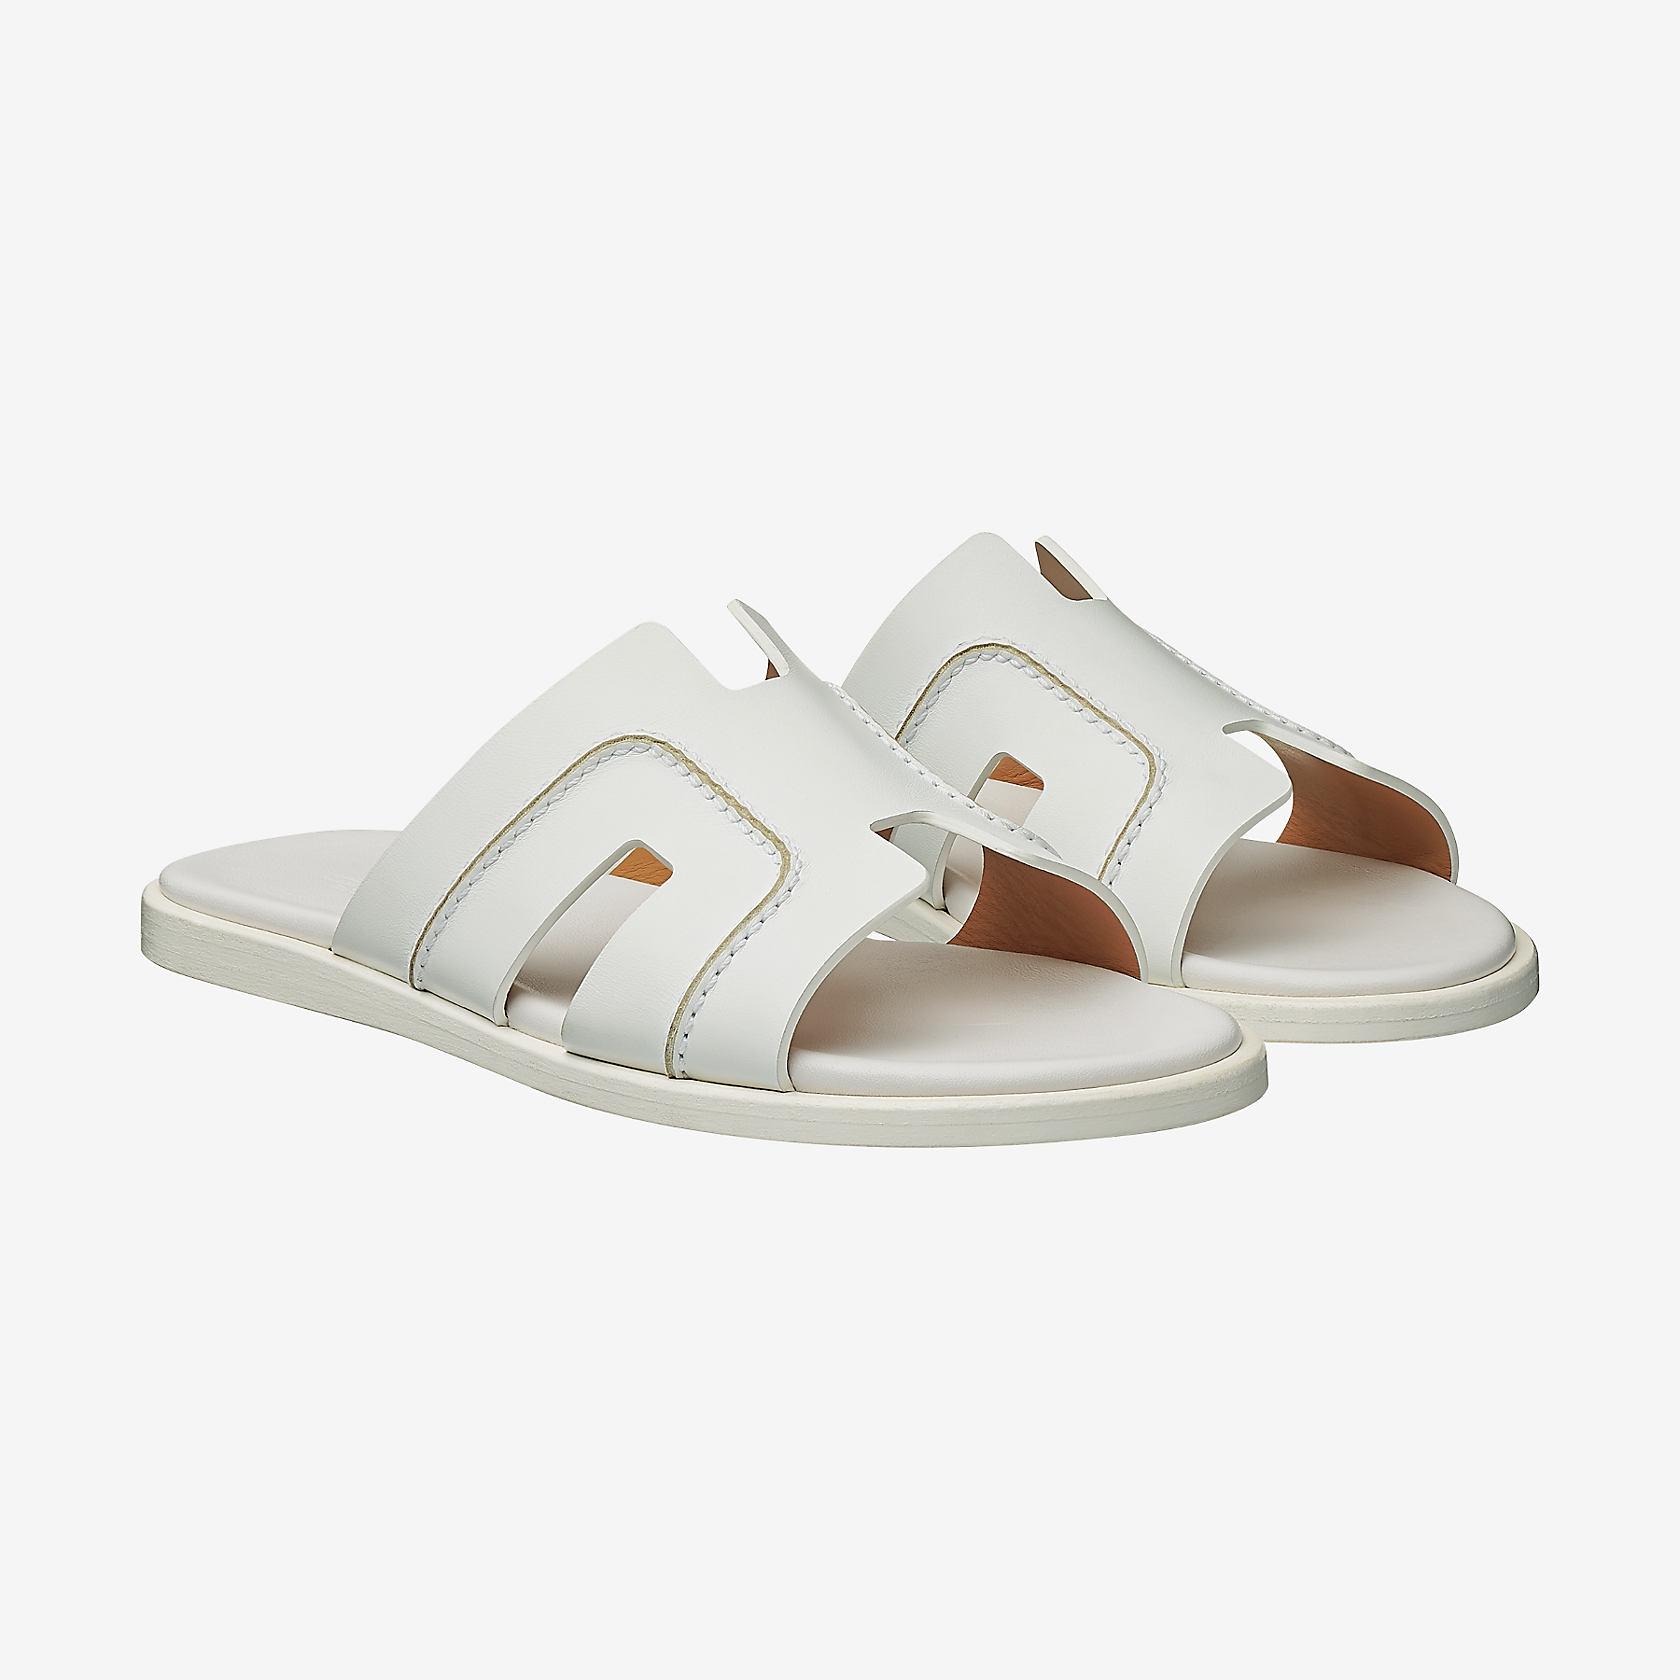 bb0d174d1049 Izmir sandal